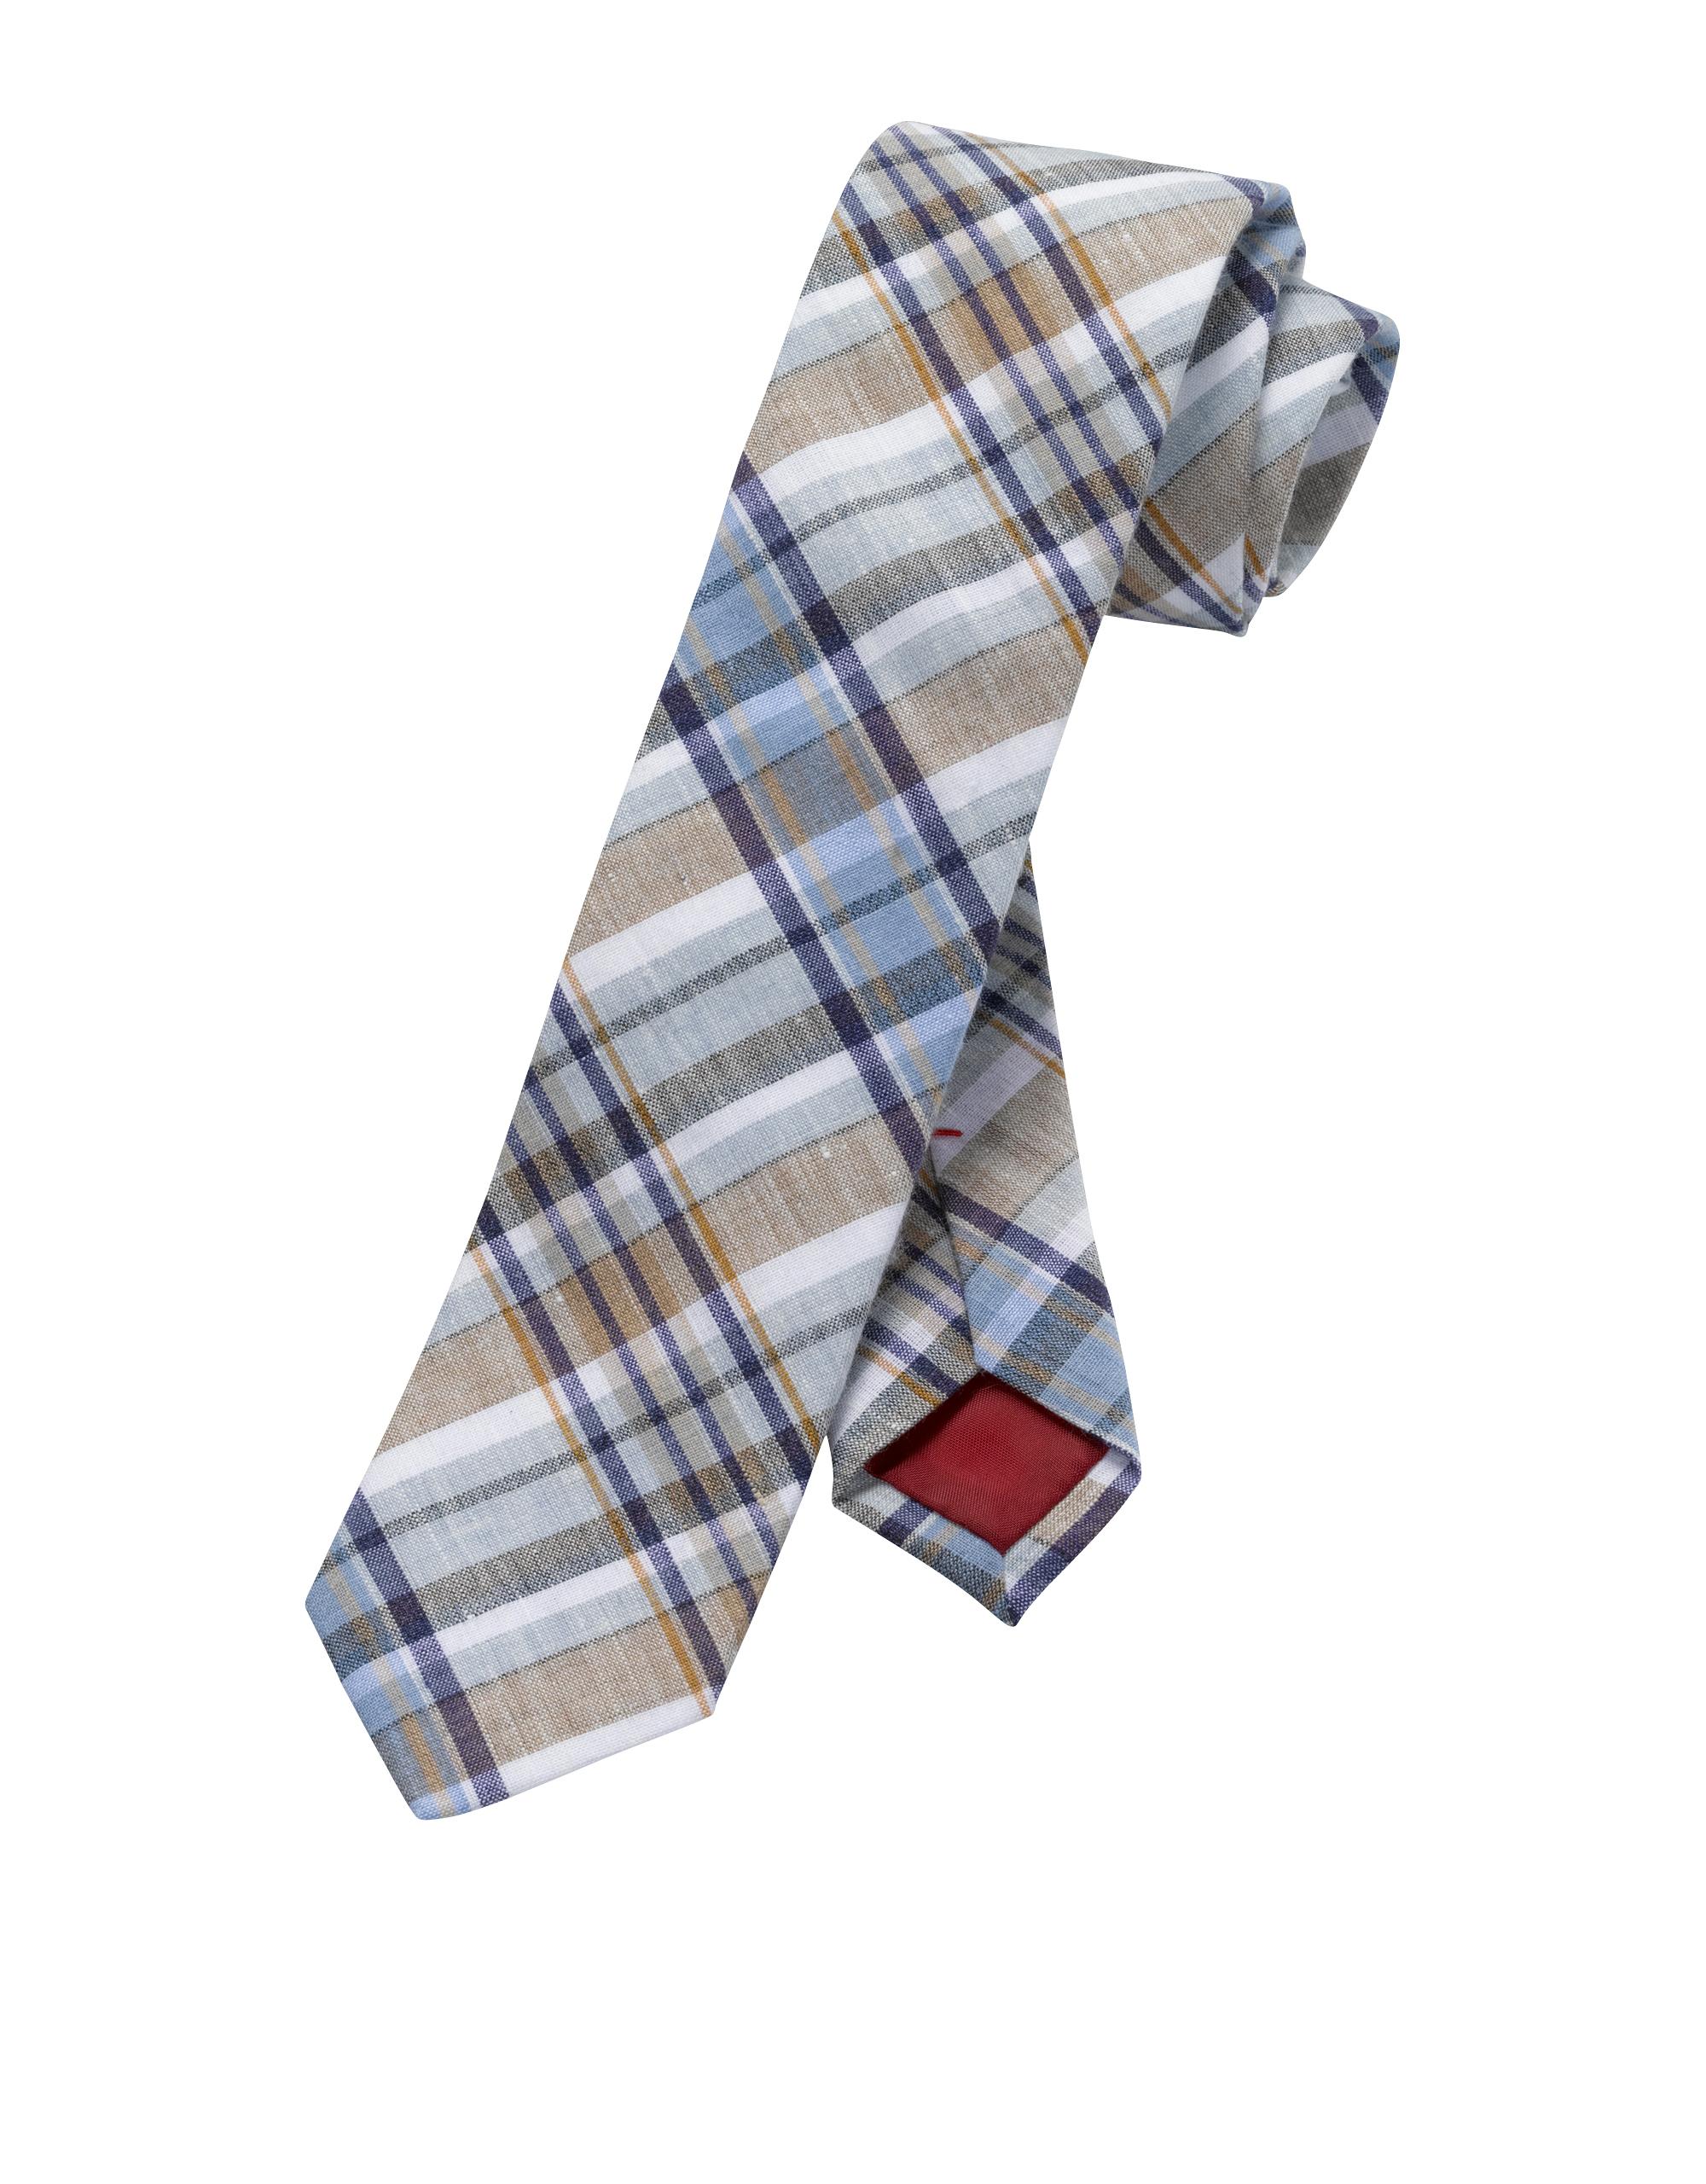 OLYMP Krawatte, Nougat,   Accessoires > Krawatten > Sonstige Krawatten   Nougat   OLYMP Krawatte